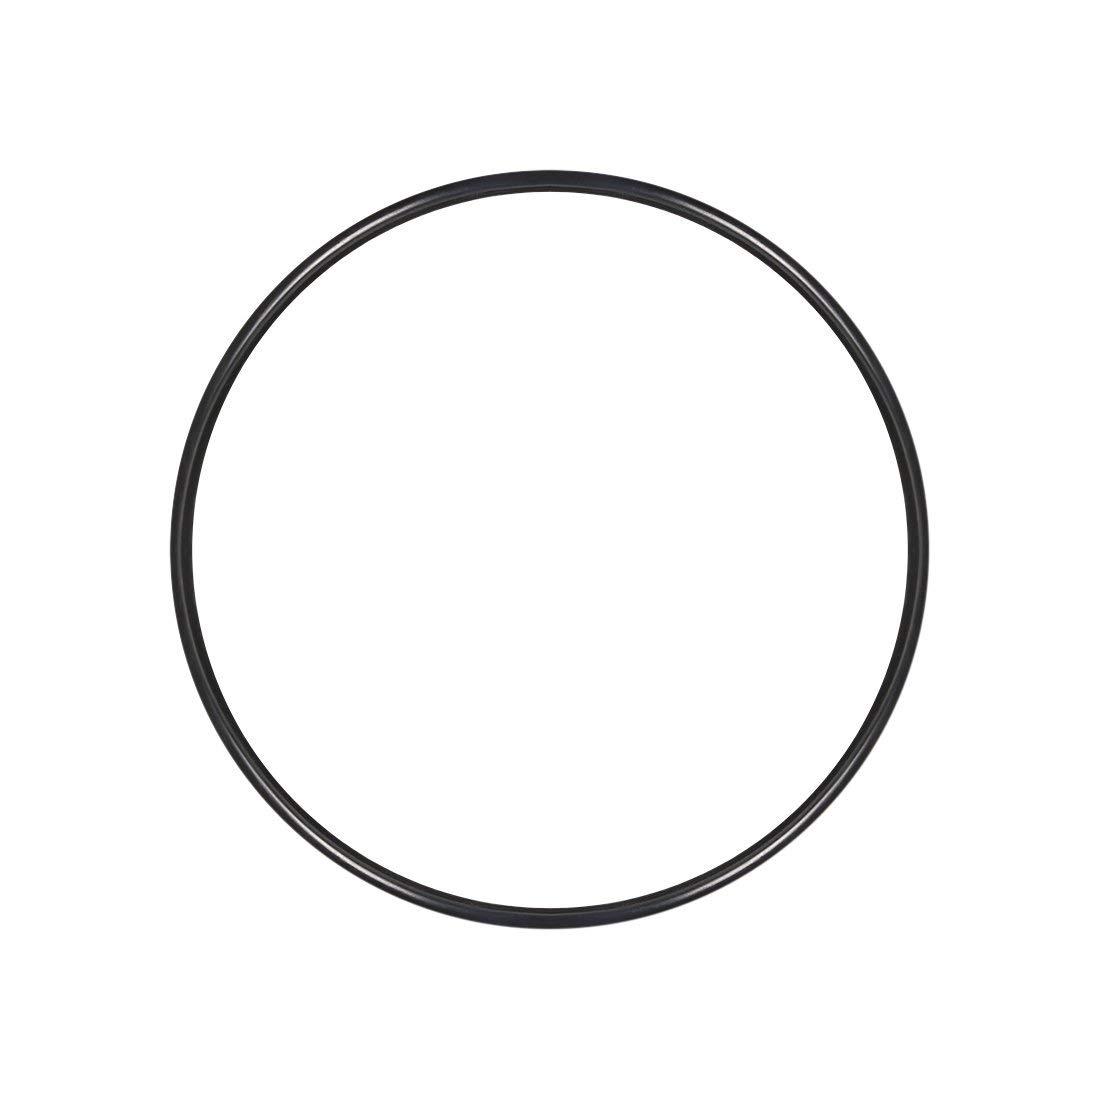 1 St/ück Breite 5,7mm Nitrilgummi O-Ring Innendurchmesser 198,6mm Dichtungsring rund Au/ßendurchmesser 210mm